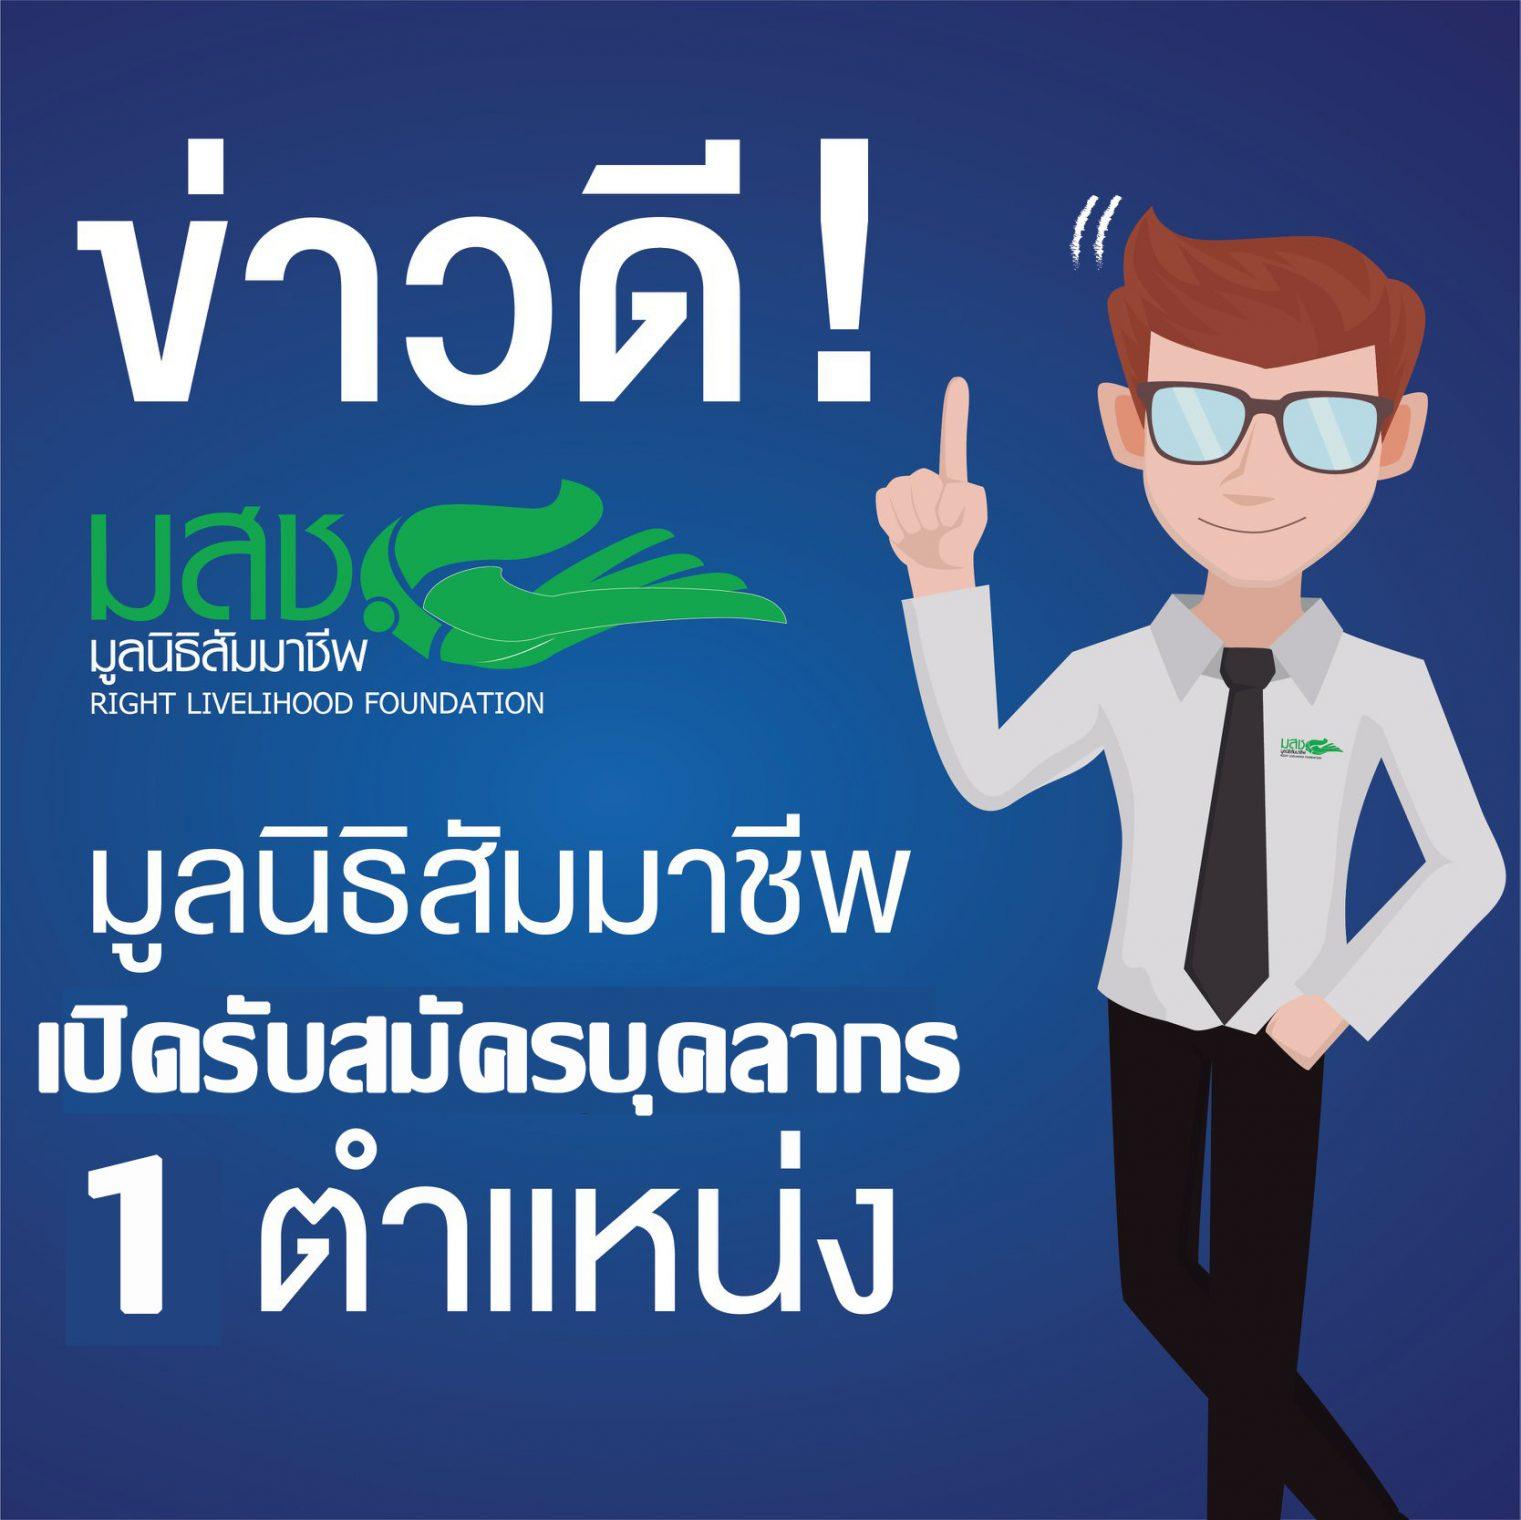 ประกาศรับสมัครงาน ตำแหน่ง เจ้าหน้าที่ประจำฝ่ายบริหารสำนักงาน (Administrative Officer) 1 อัตรา